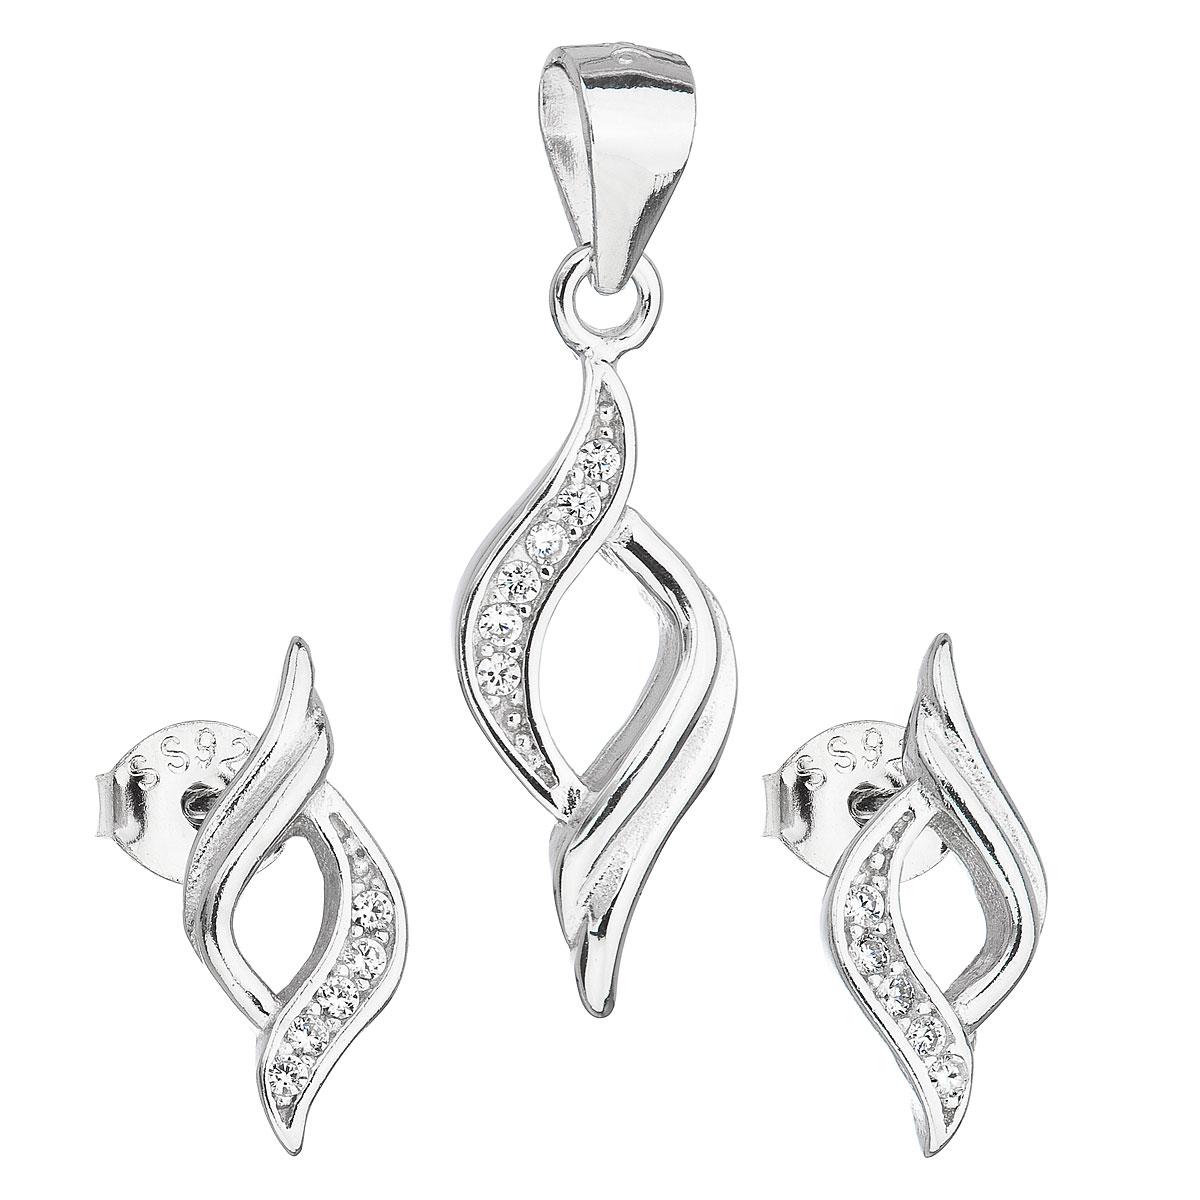 Evolution Group Sada šperků se zirkonem v bílé barvě náušnice a přívěsek 19013.1